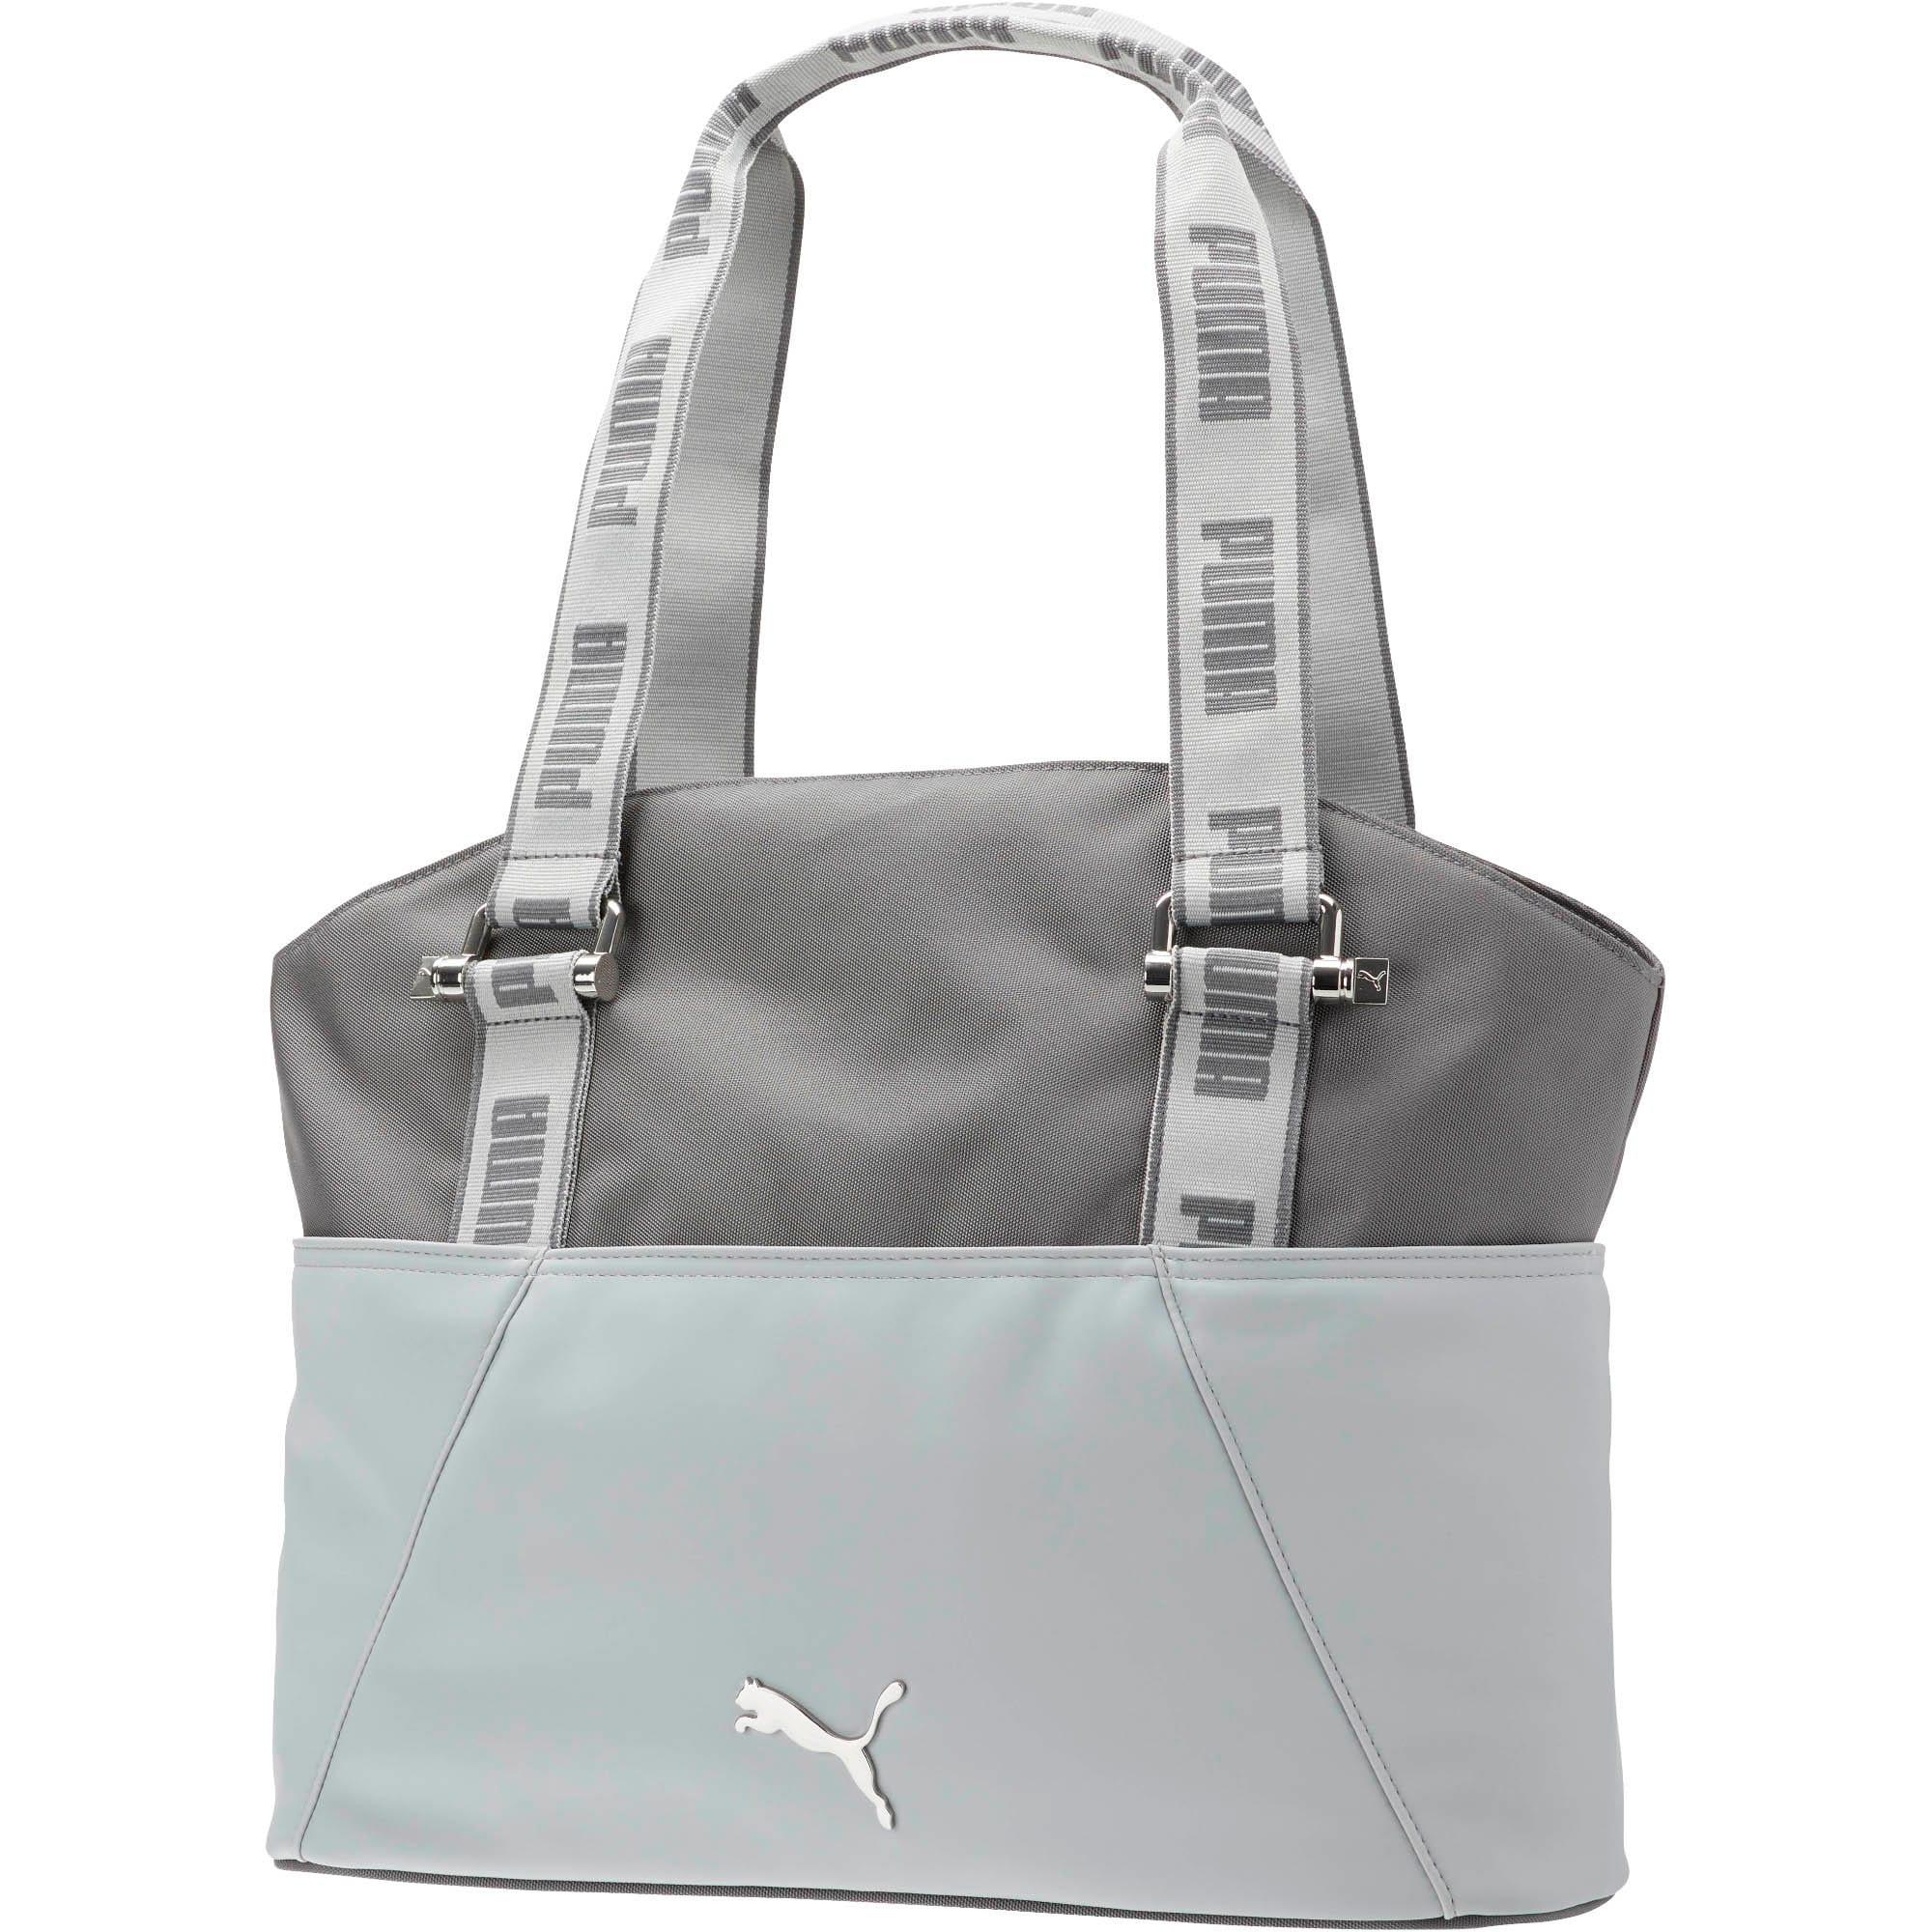 Thumbnail 1 of Marnie Tote Bag, Grey/Grey, medium